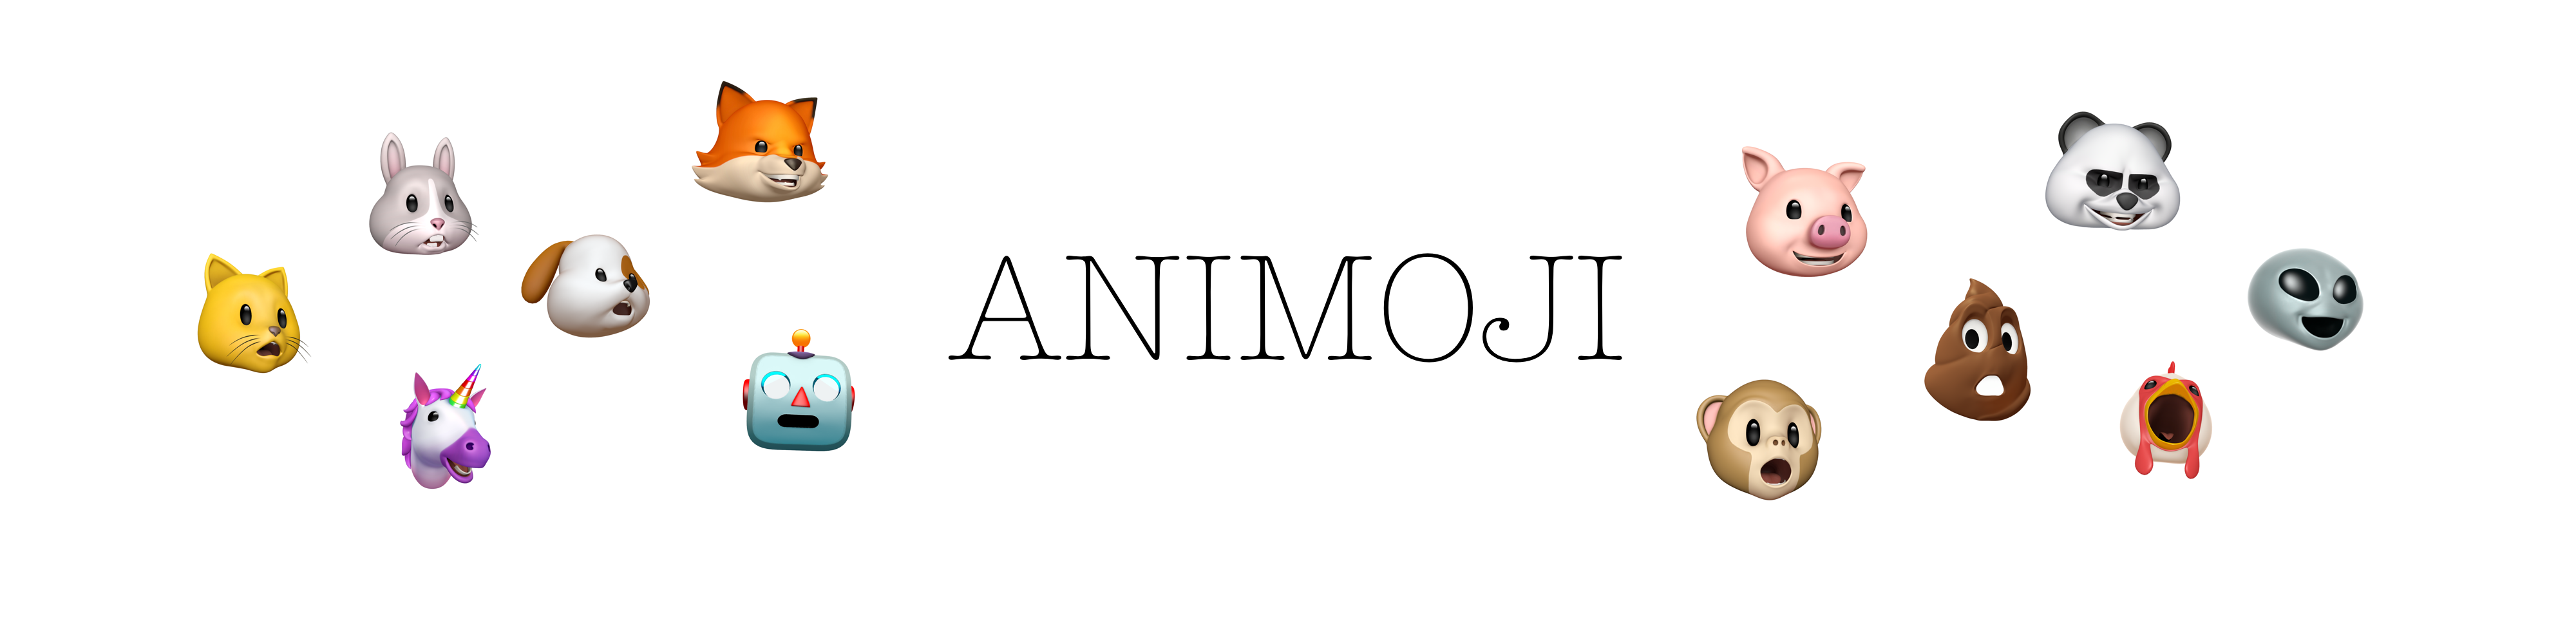 Animoji